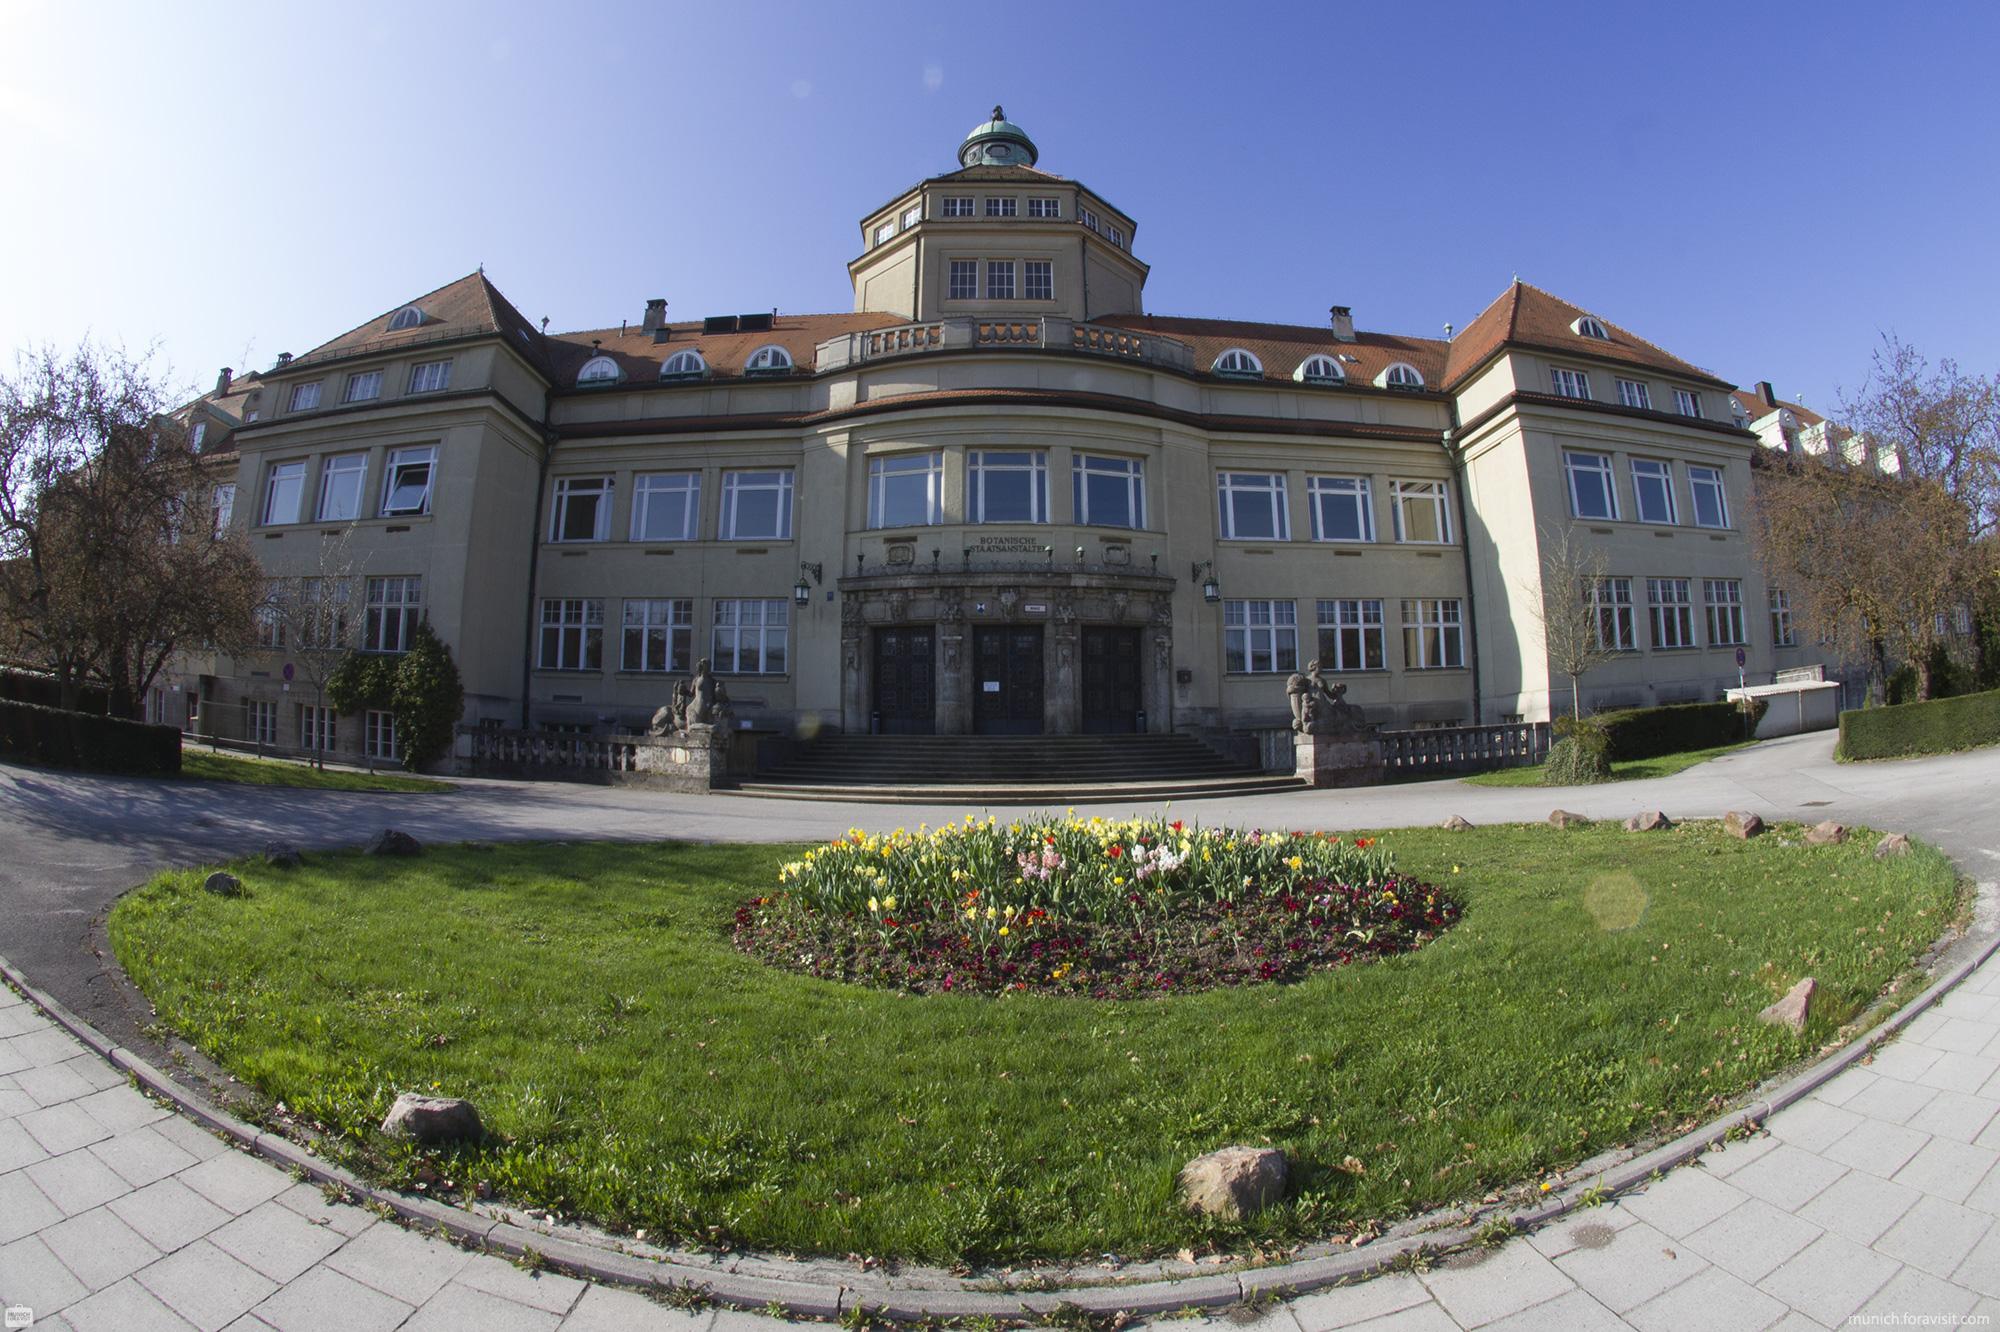 Botanischer Garten München Alle Infos Auf Einen Blick